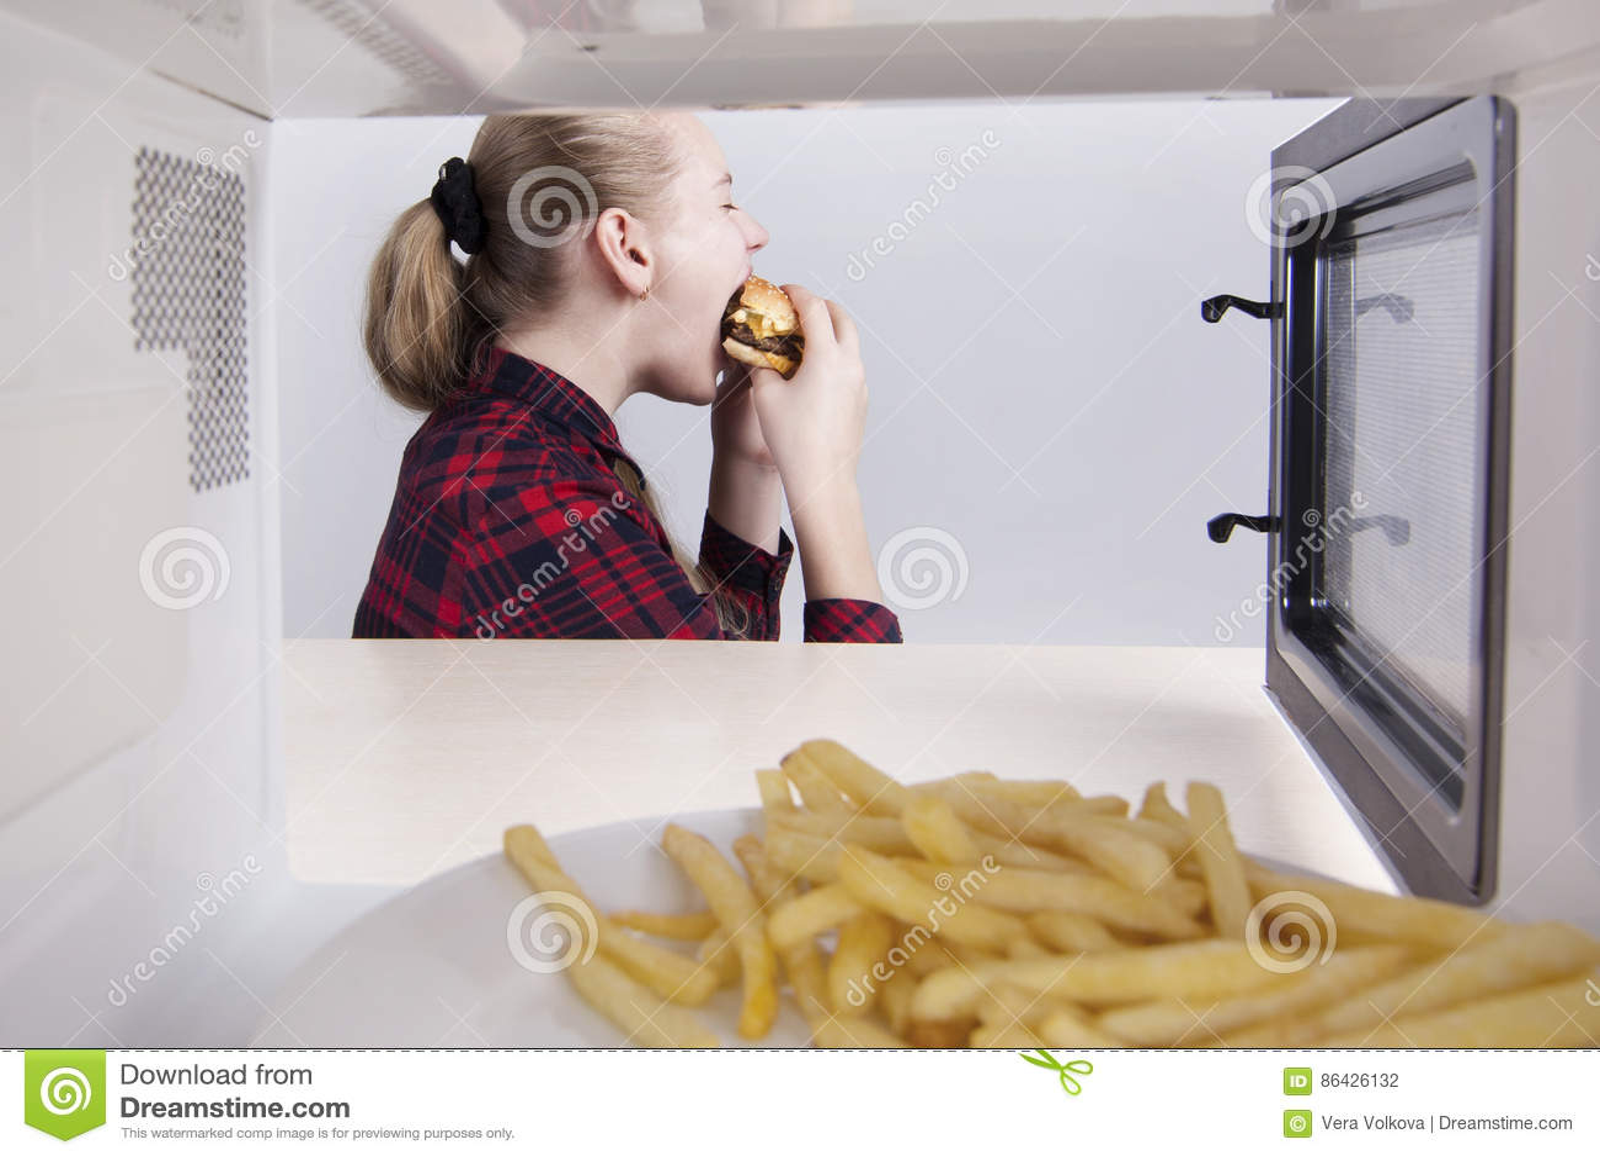 Το κορίτσι εφήβων τρώει λαίμαργα το στόμα χάμπουργκερ ευρέως ανοικτό Κάθισμα στον πίνακα κοντά στο μικρόκυμα Άποψη μέσω του ανοικ